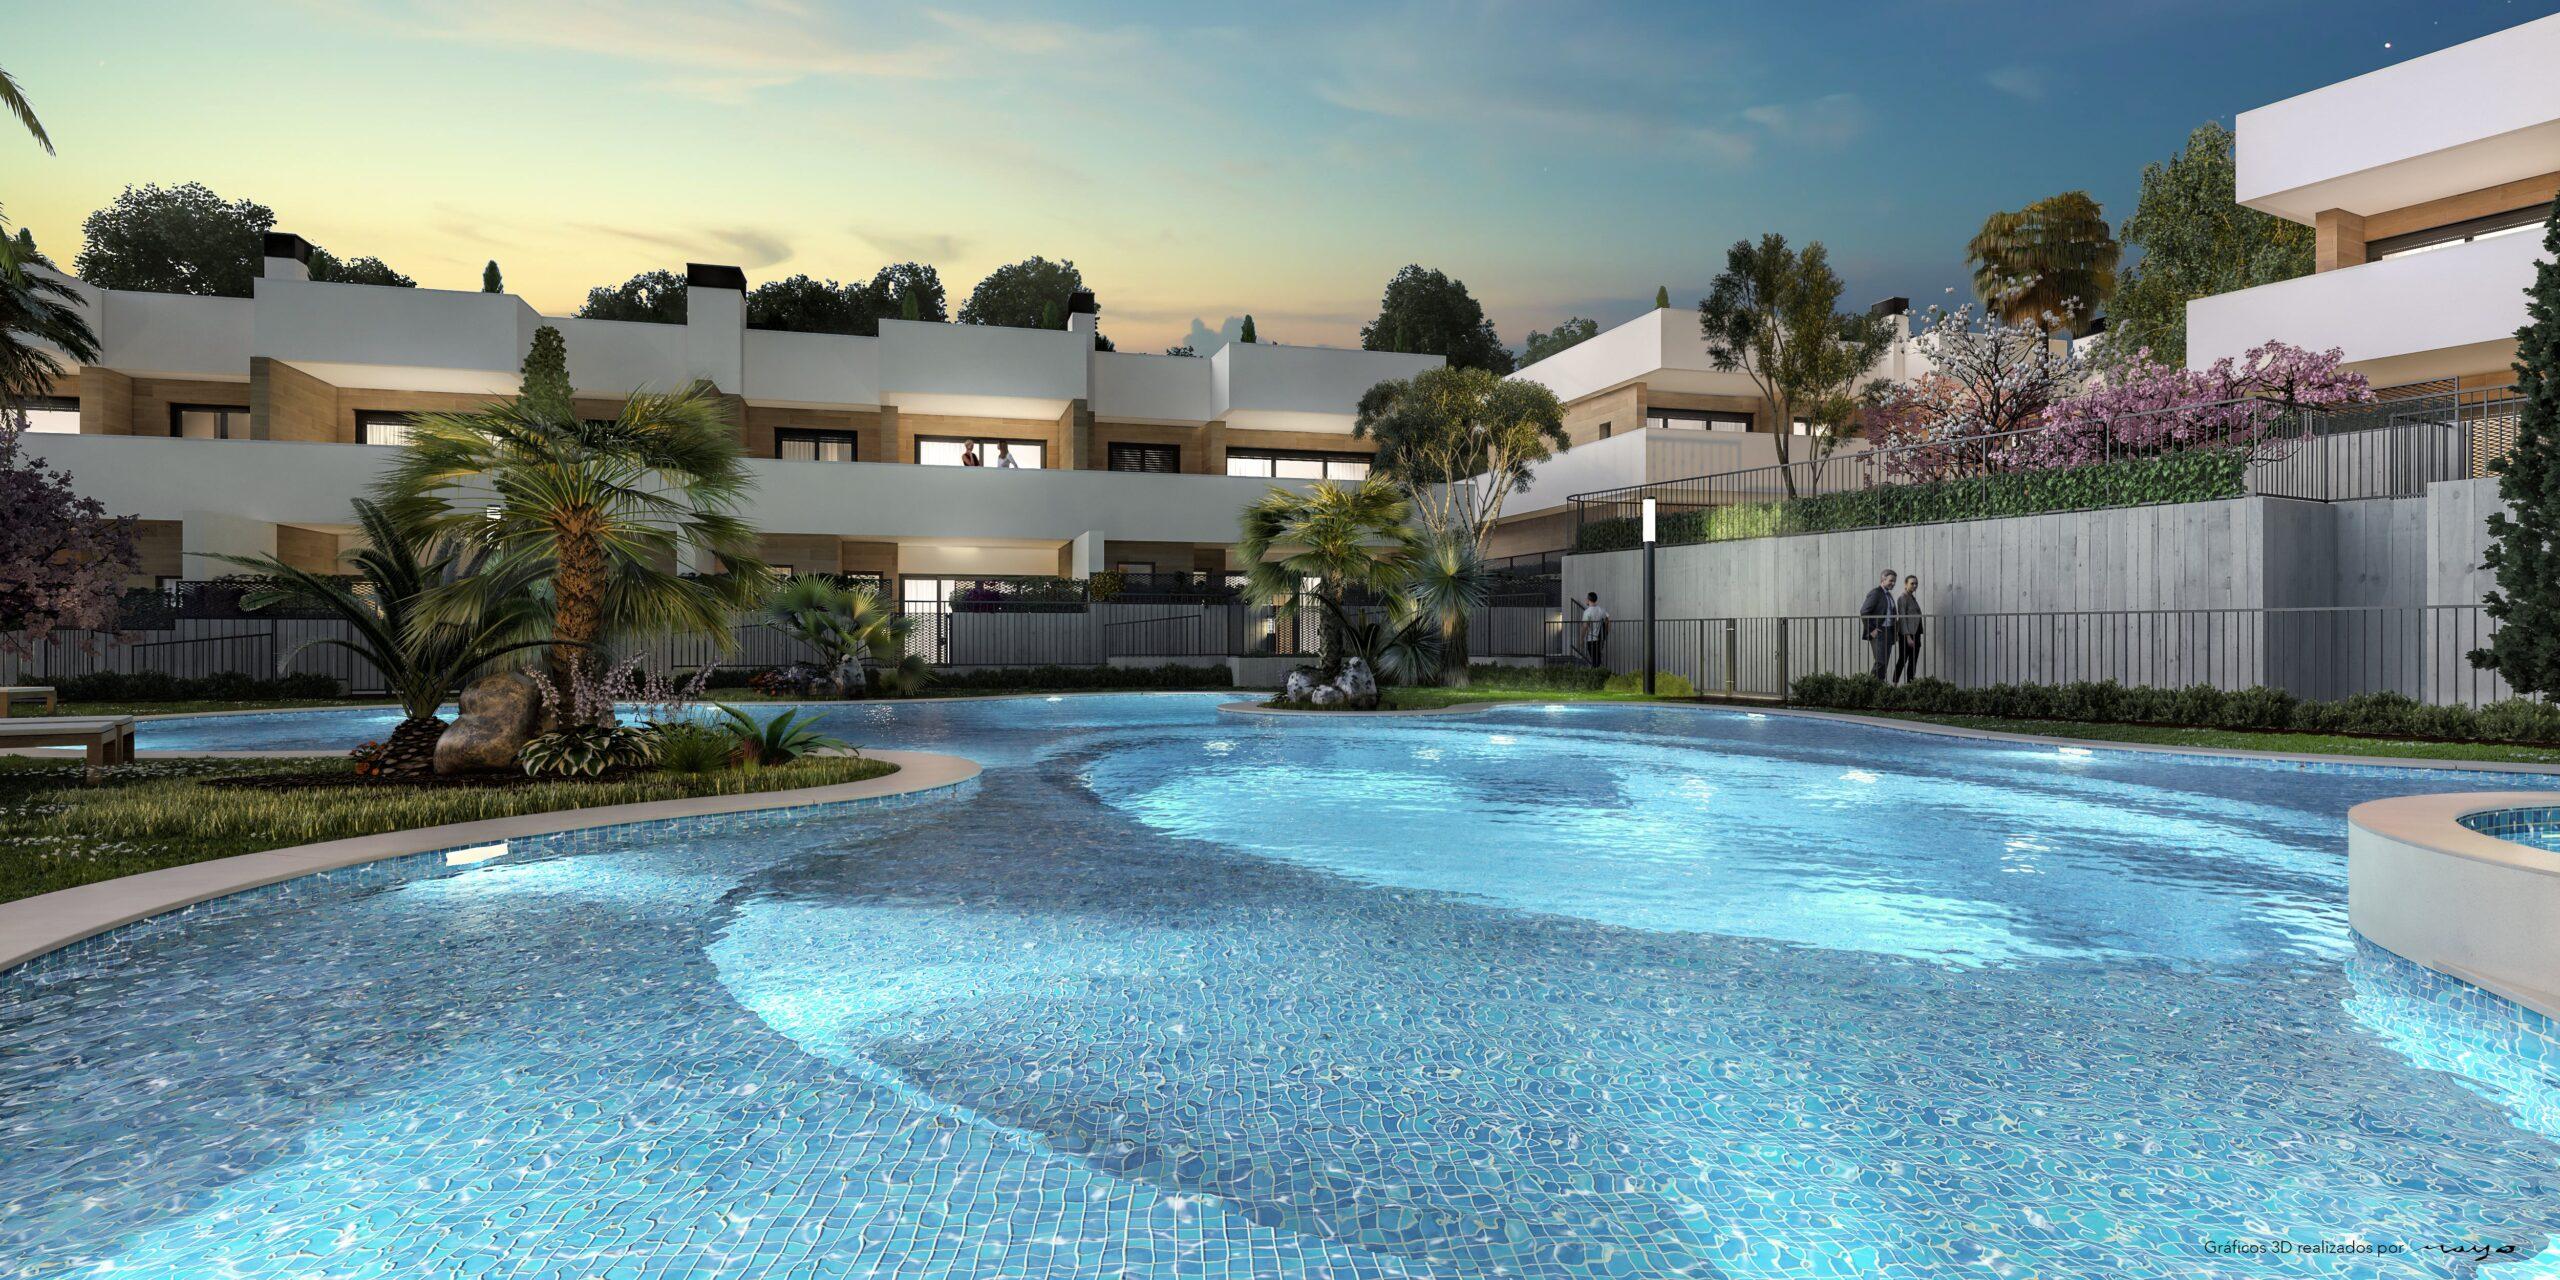 Vistahermosa Norte y Benalúa Sur: dos zonas residenciales con gran potencial urbanístico